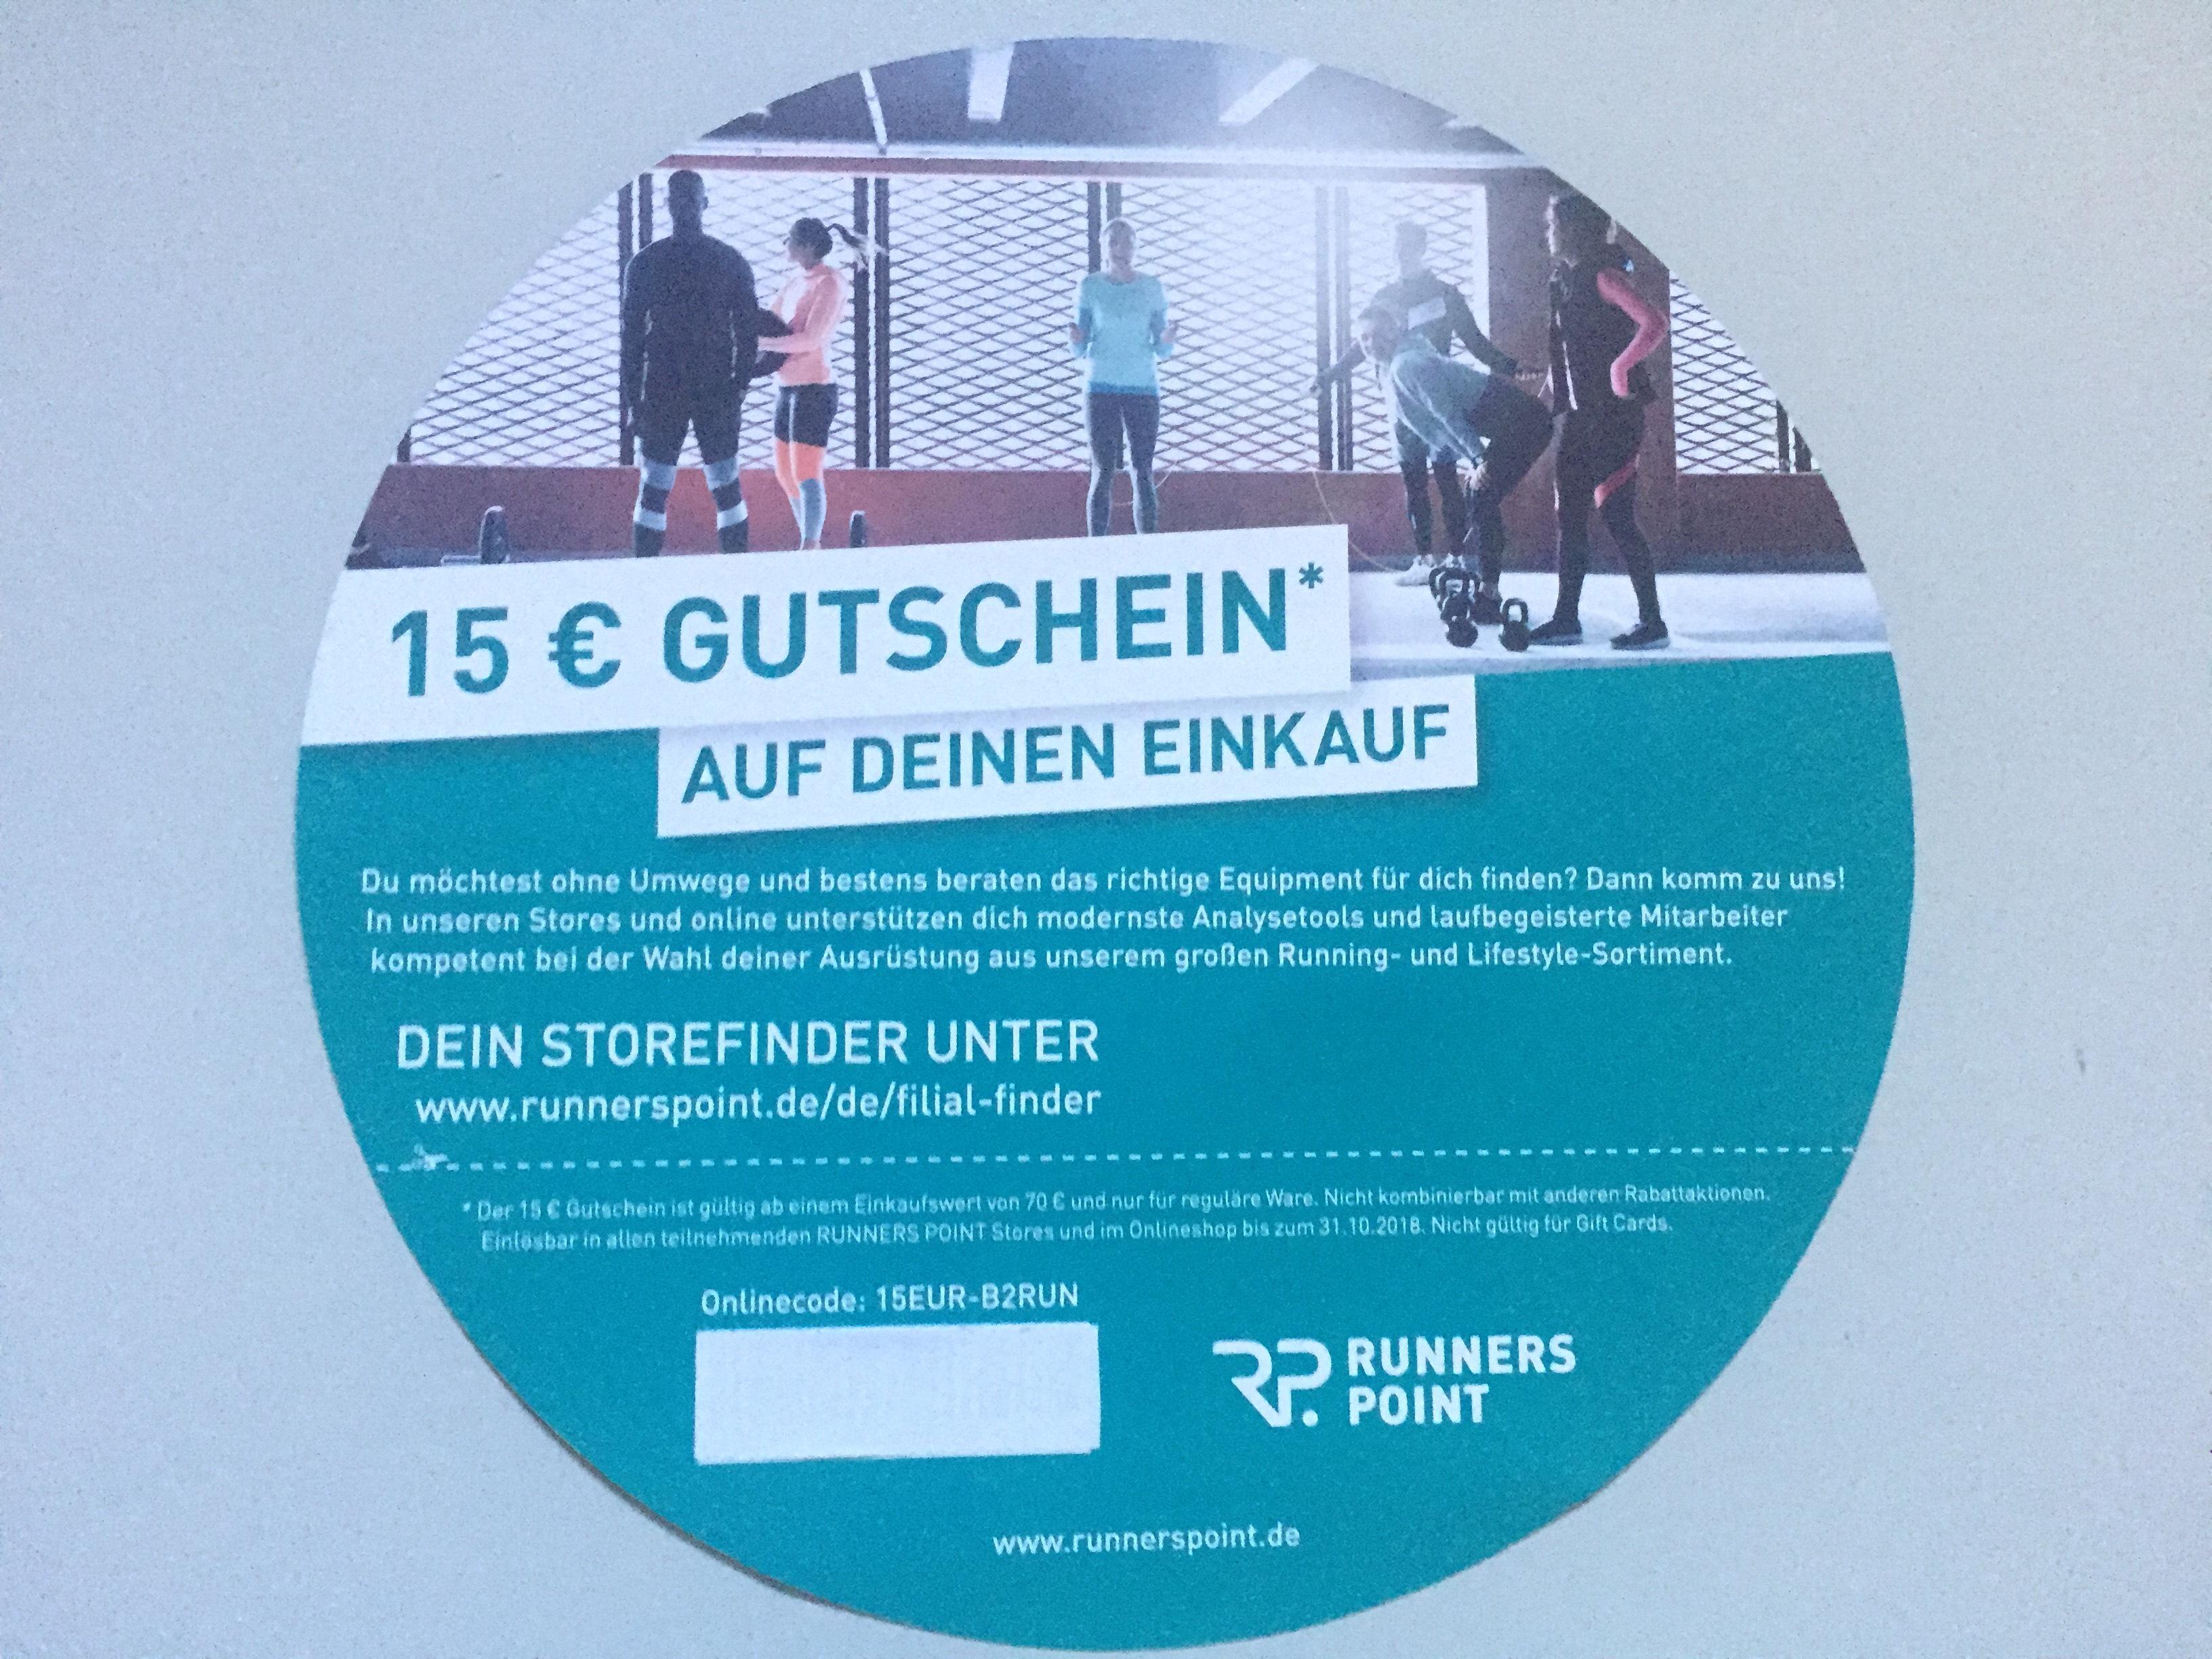 Runnerspoint 15€ Rabatt 70€ MBW (Online